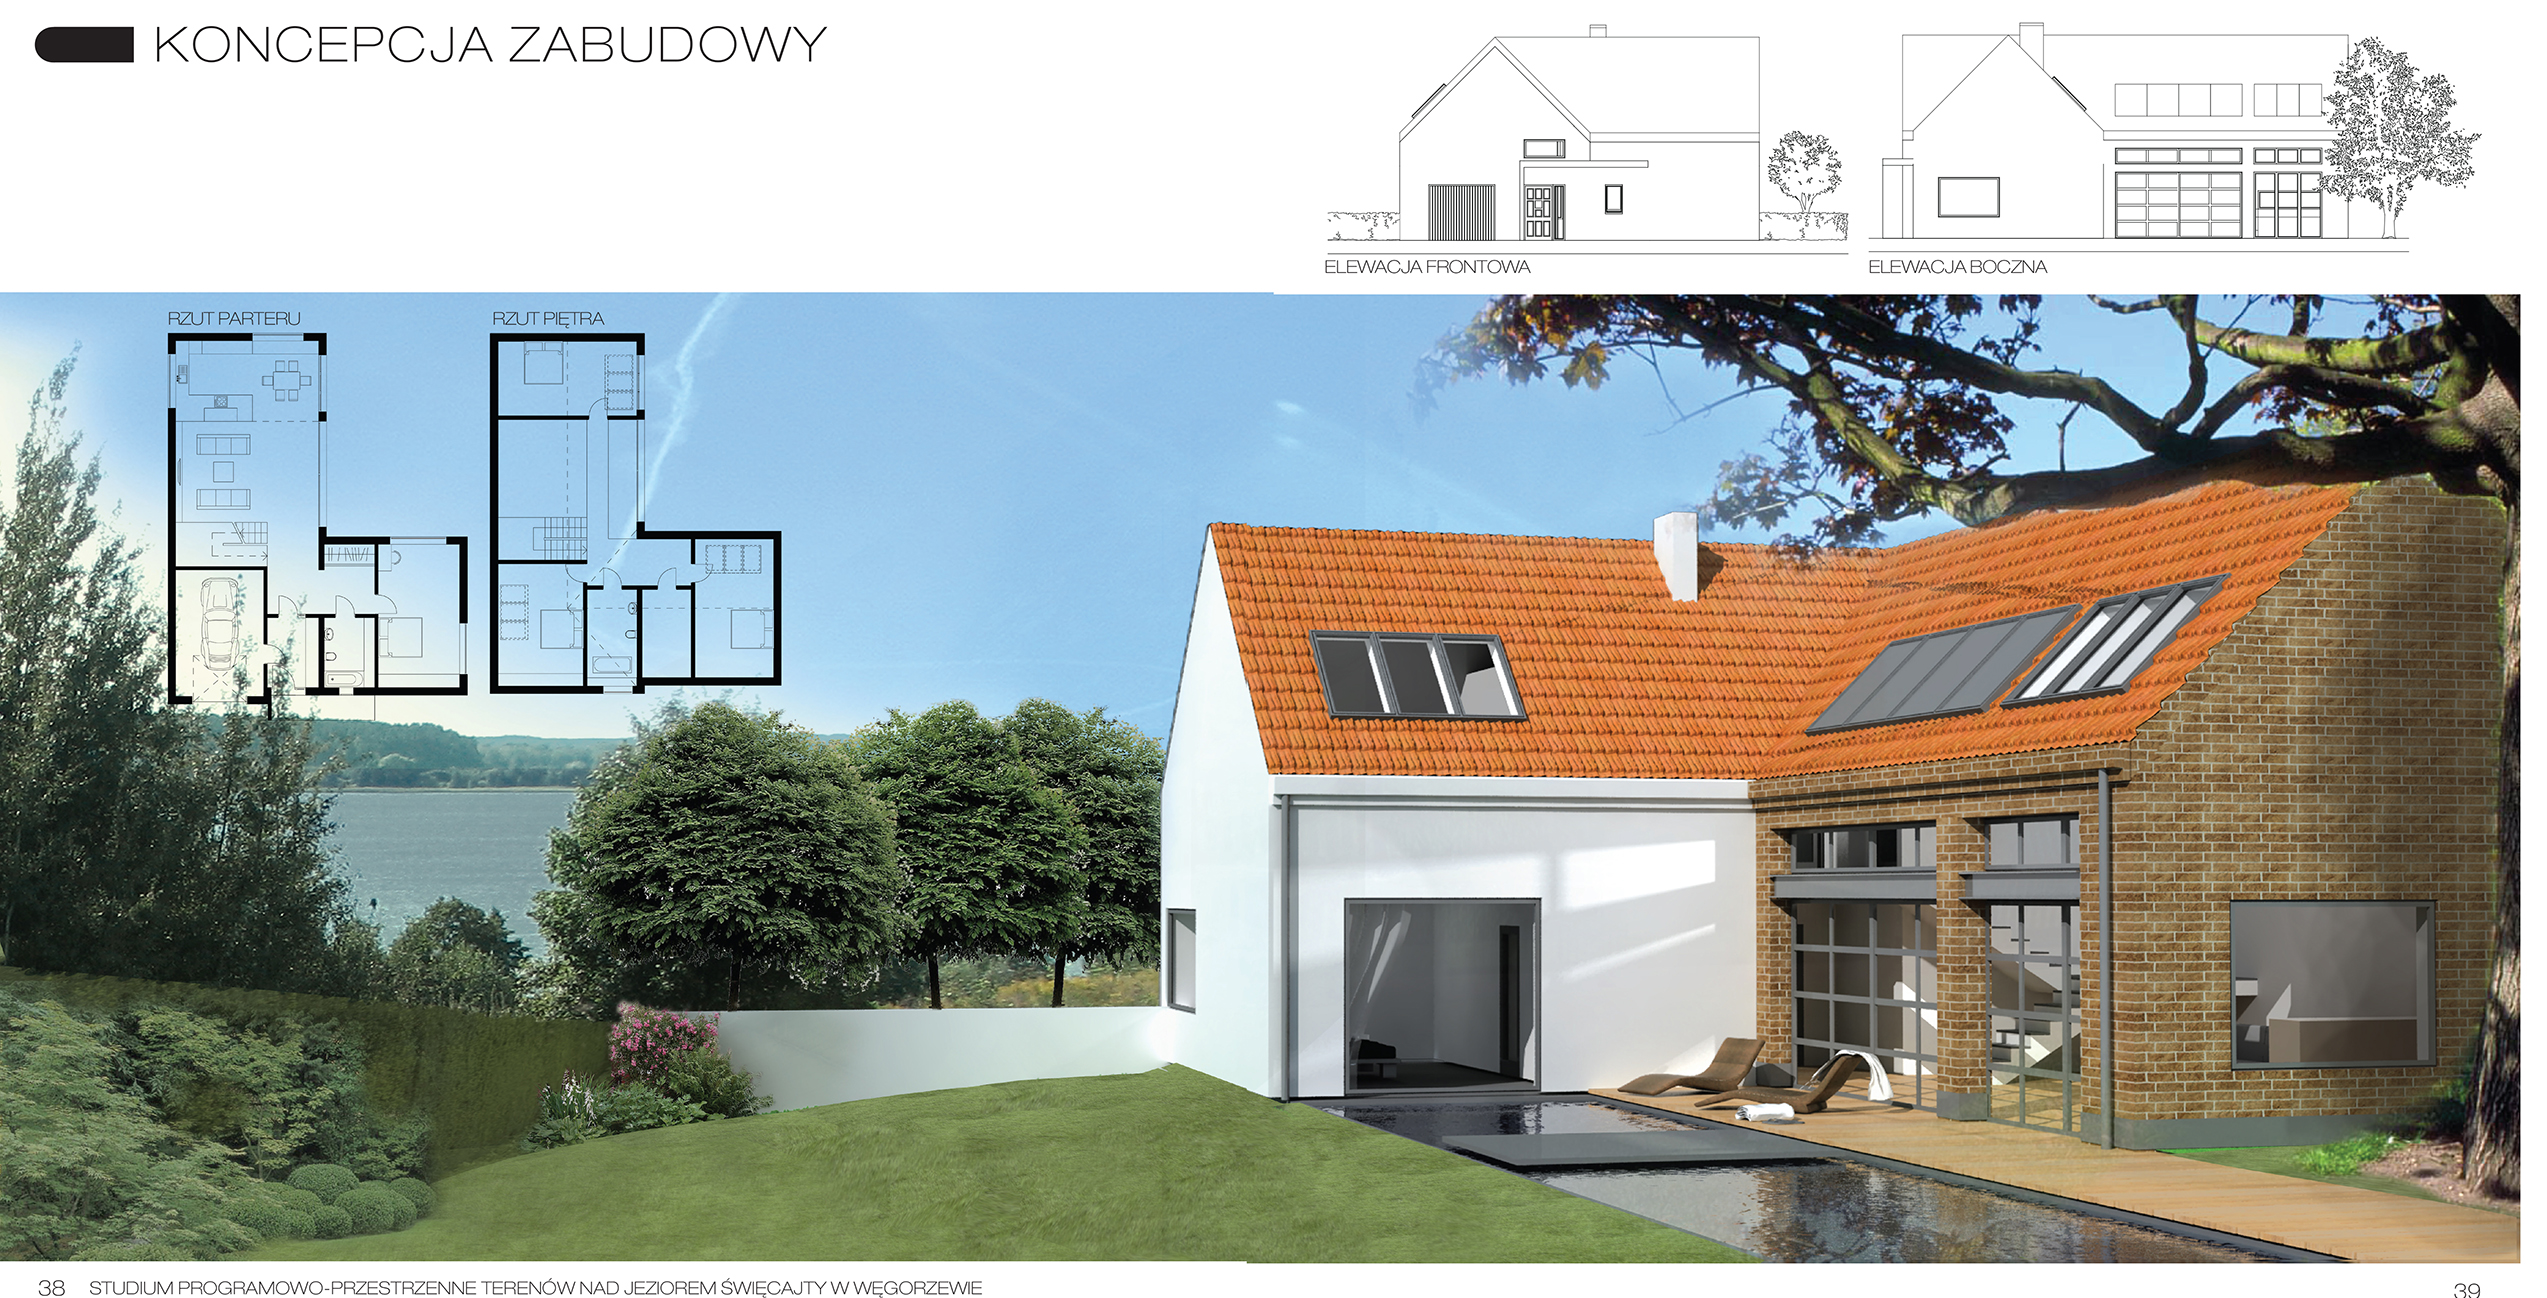 WEGORZEWO sis architekci architektura urbanistyka projektowanie architekt poznań dom domy energooszczedne pasywne 2